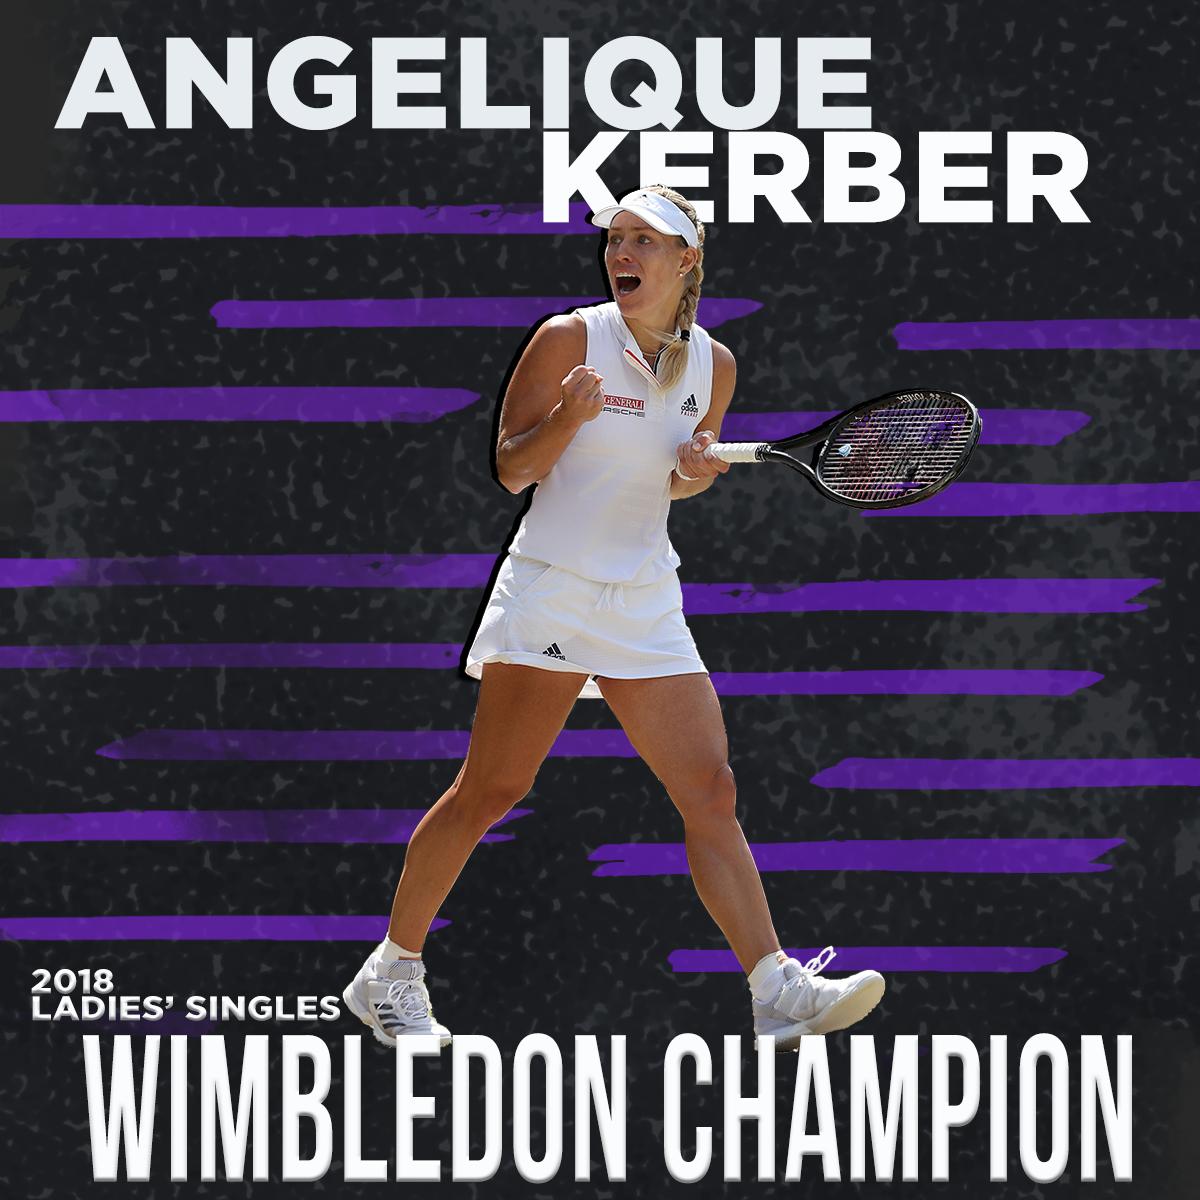 Wimbledon Winner